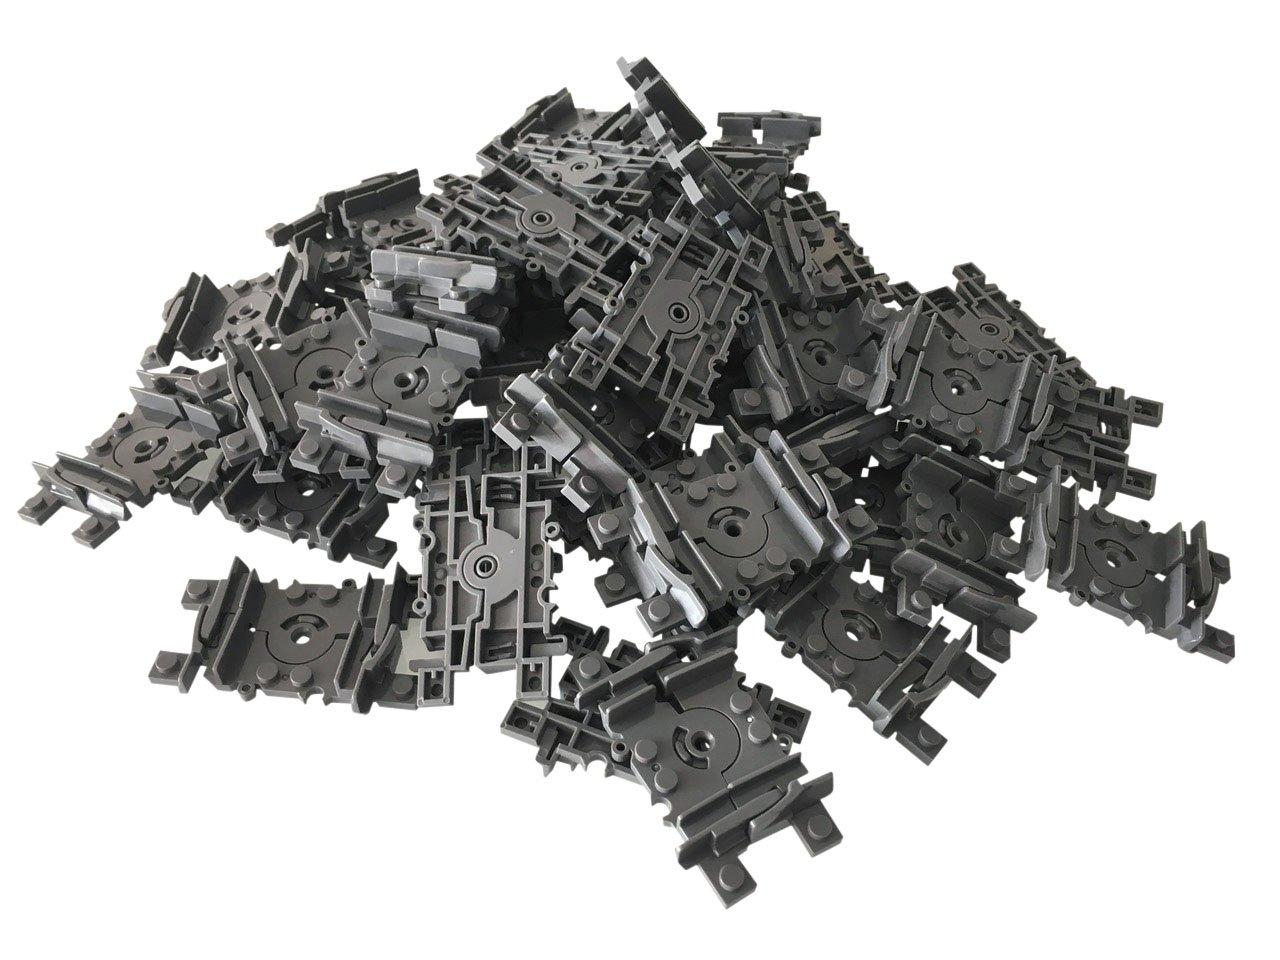 LEGO Duplo 1x Schranke Eisenbahn Schiene Bahnübergang schwarz weiss rot 6405c02